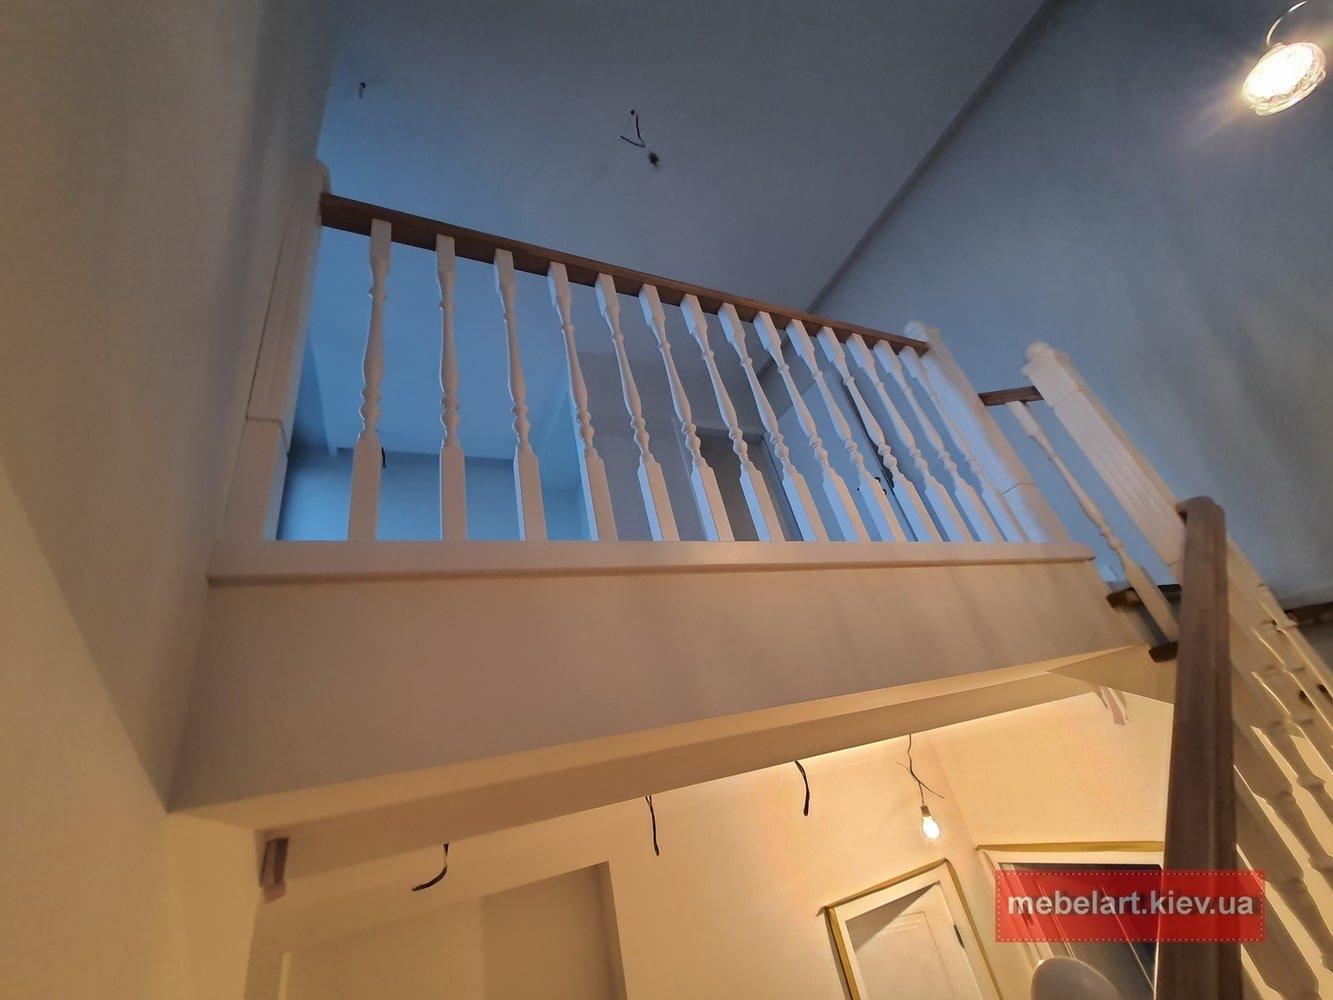 деревянные ограждения бетонной лестницы